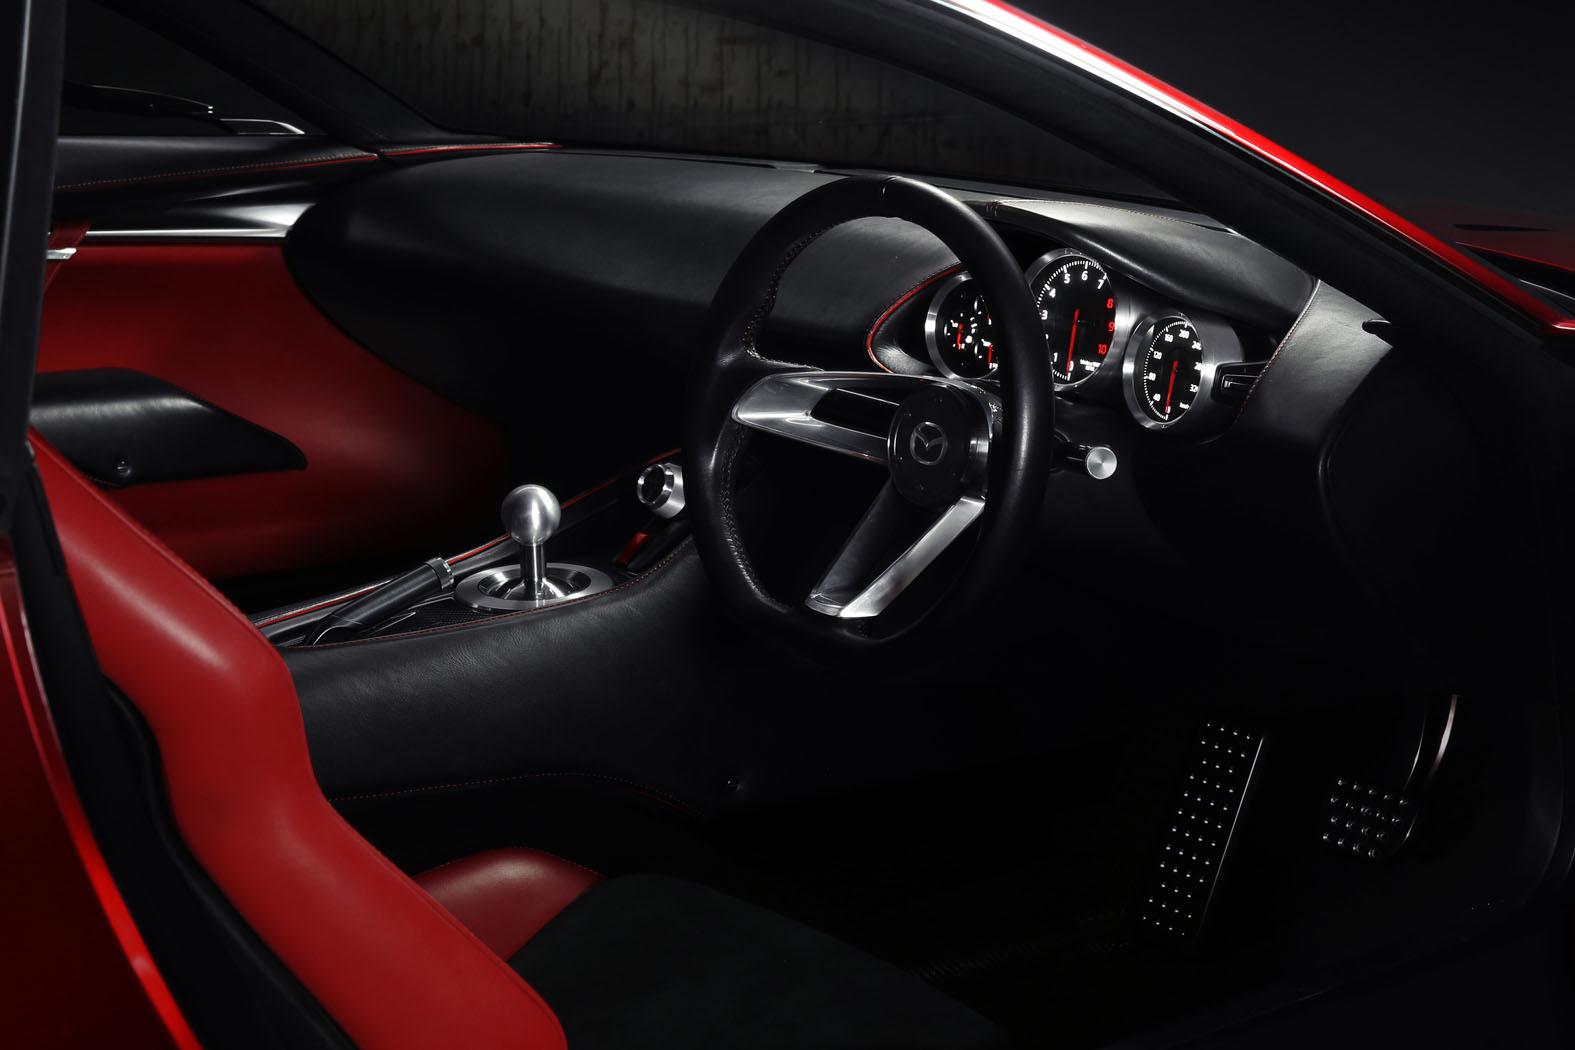 Mazda Rx 8 2017 Interior >> New Mazda RX-Vision Concept Looks Into The Rotary's Future | Carscoops